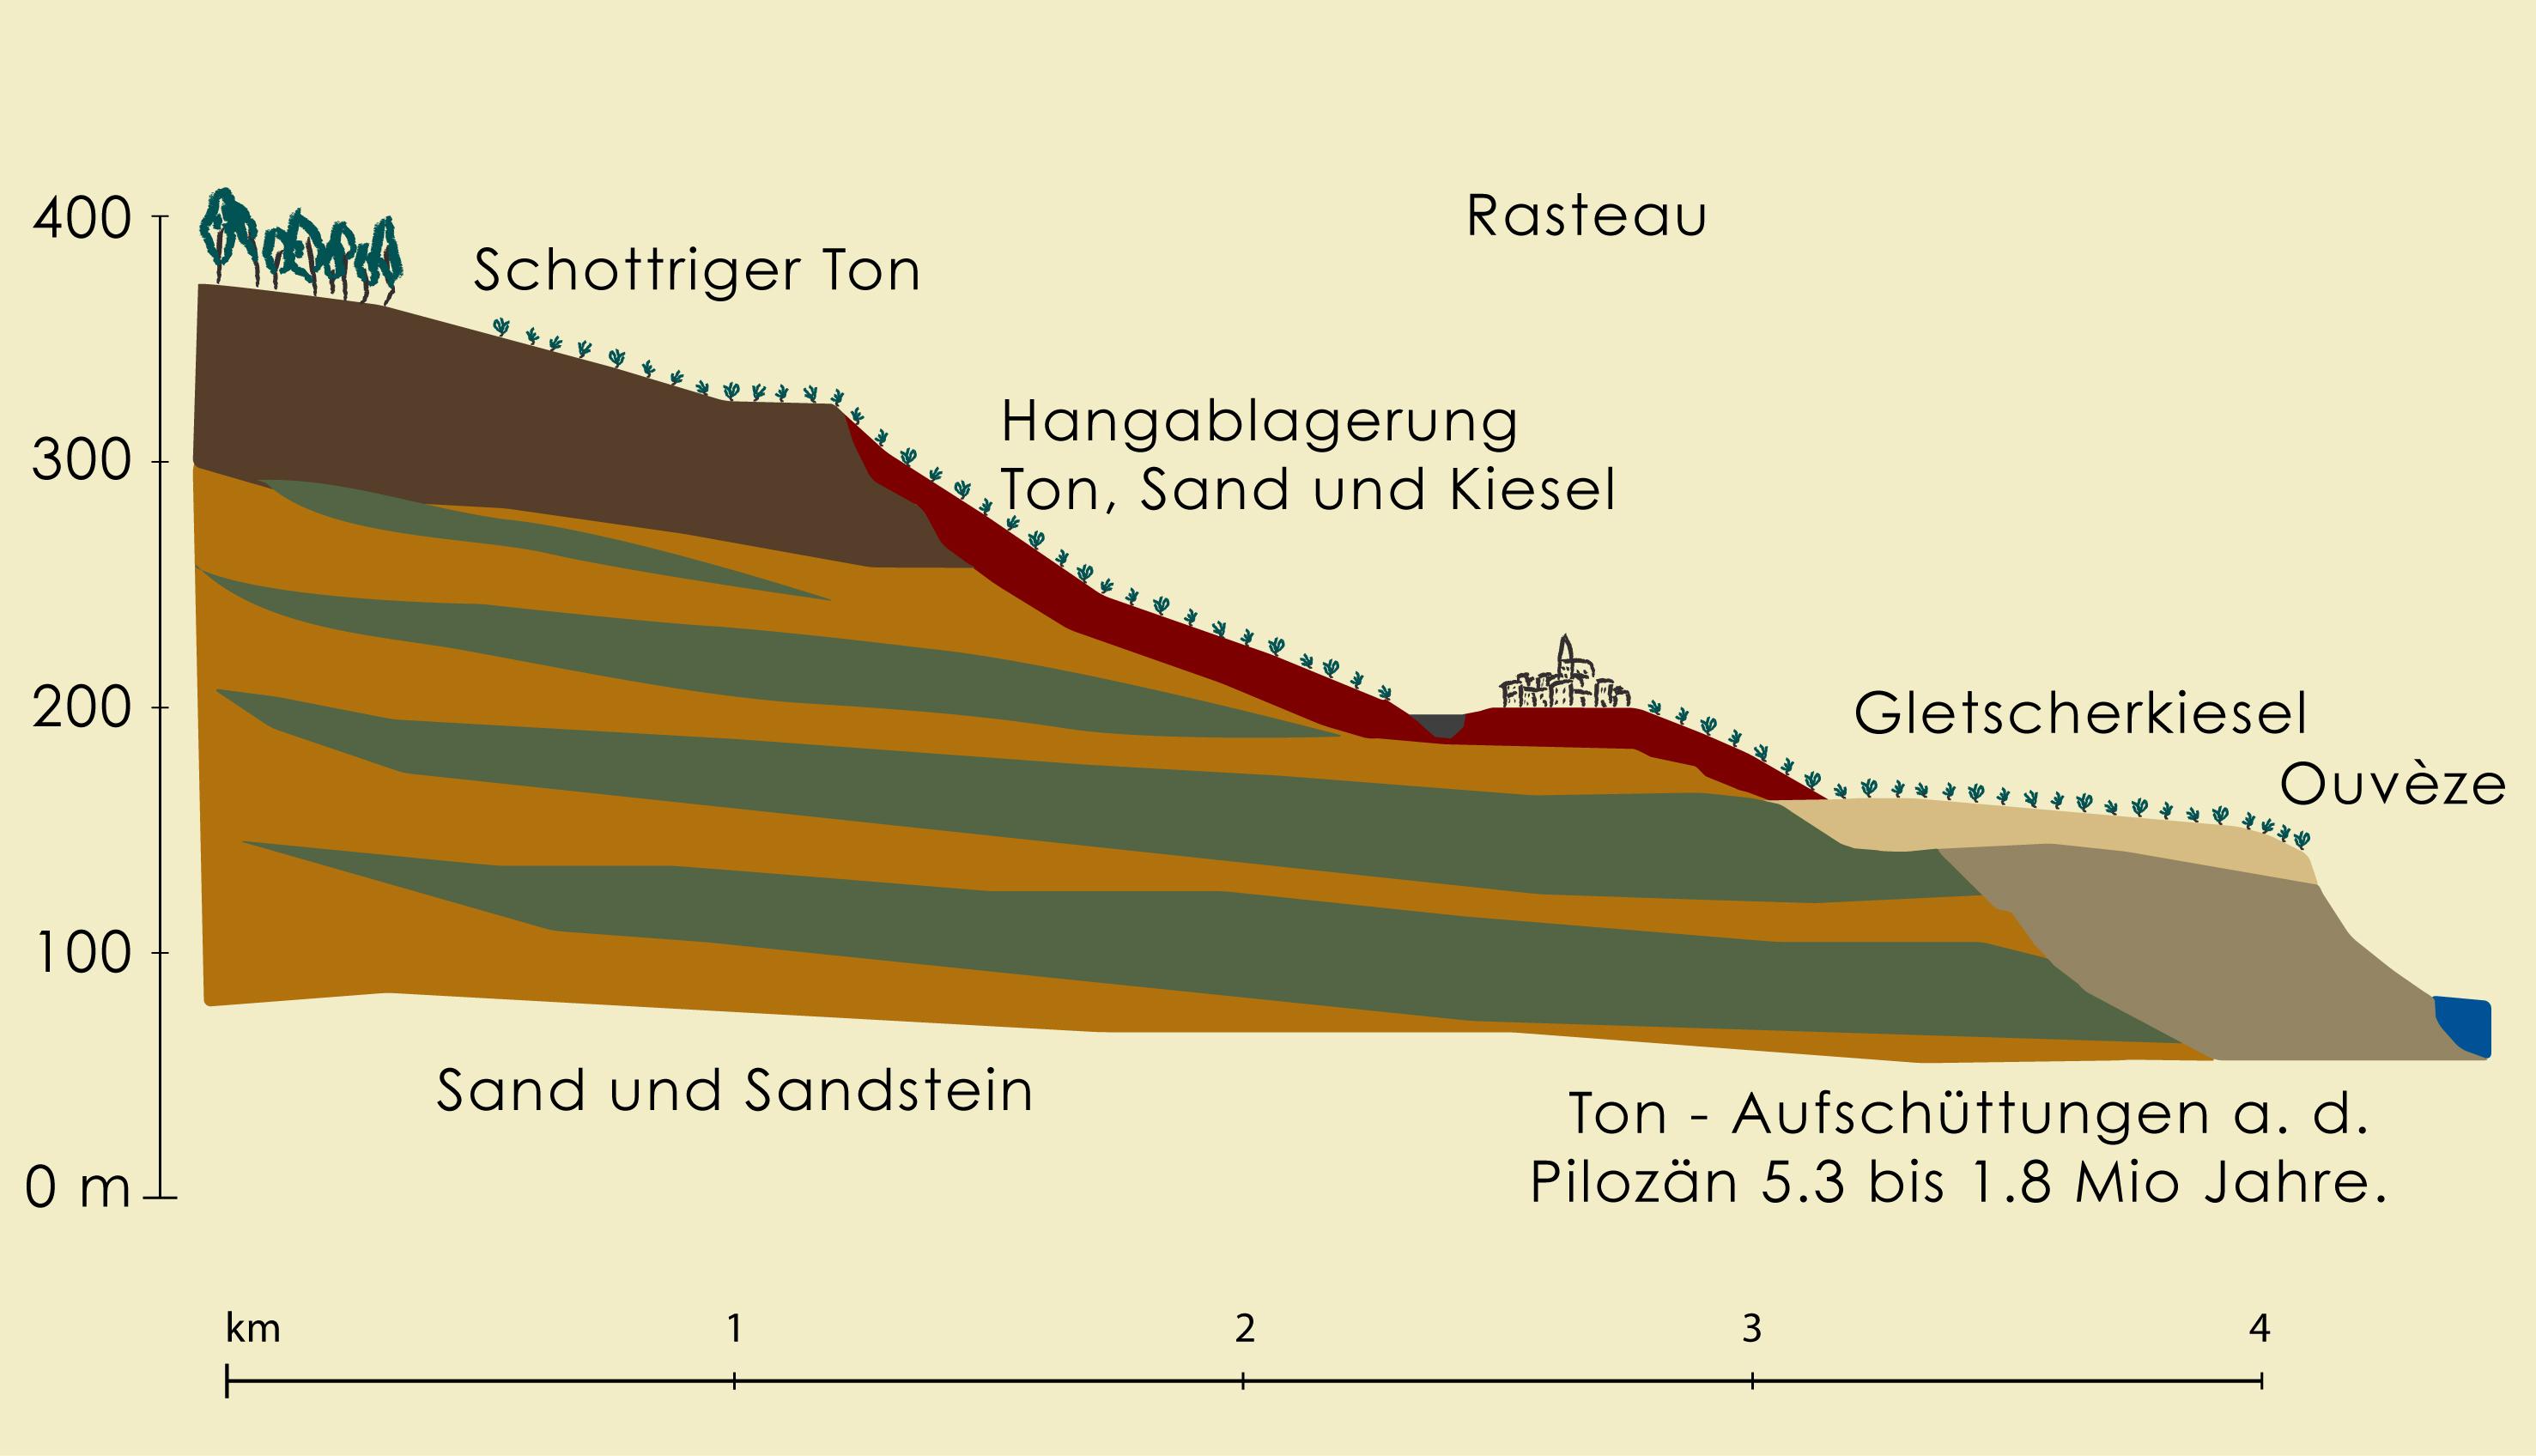 Die Bodentruktur von Rasteau